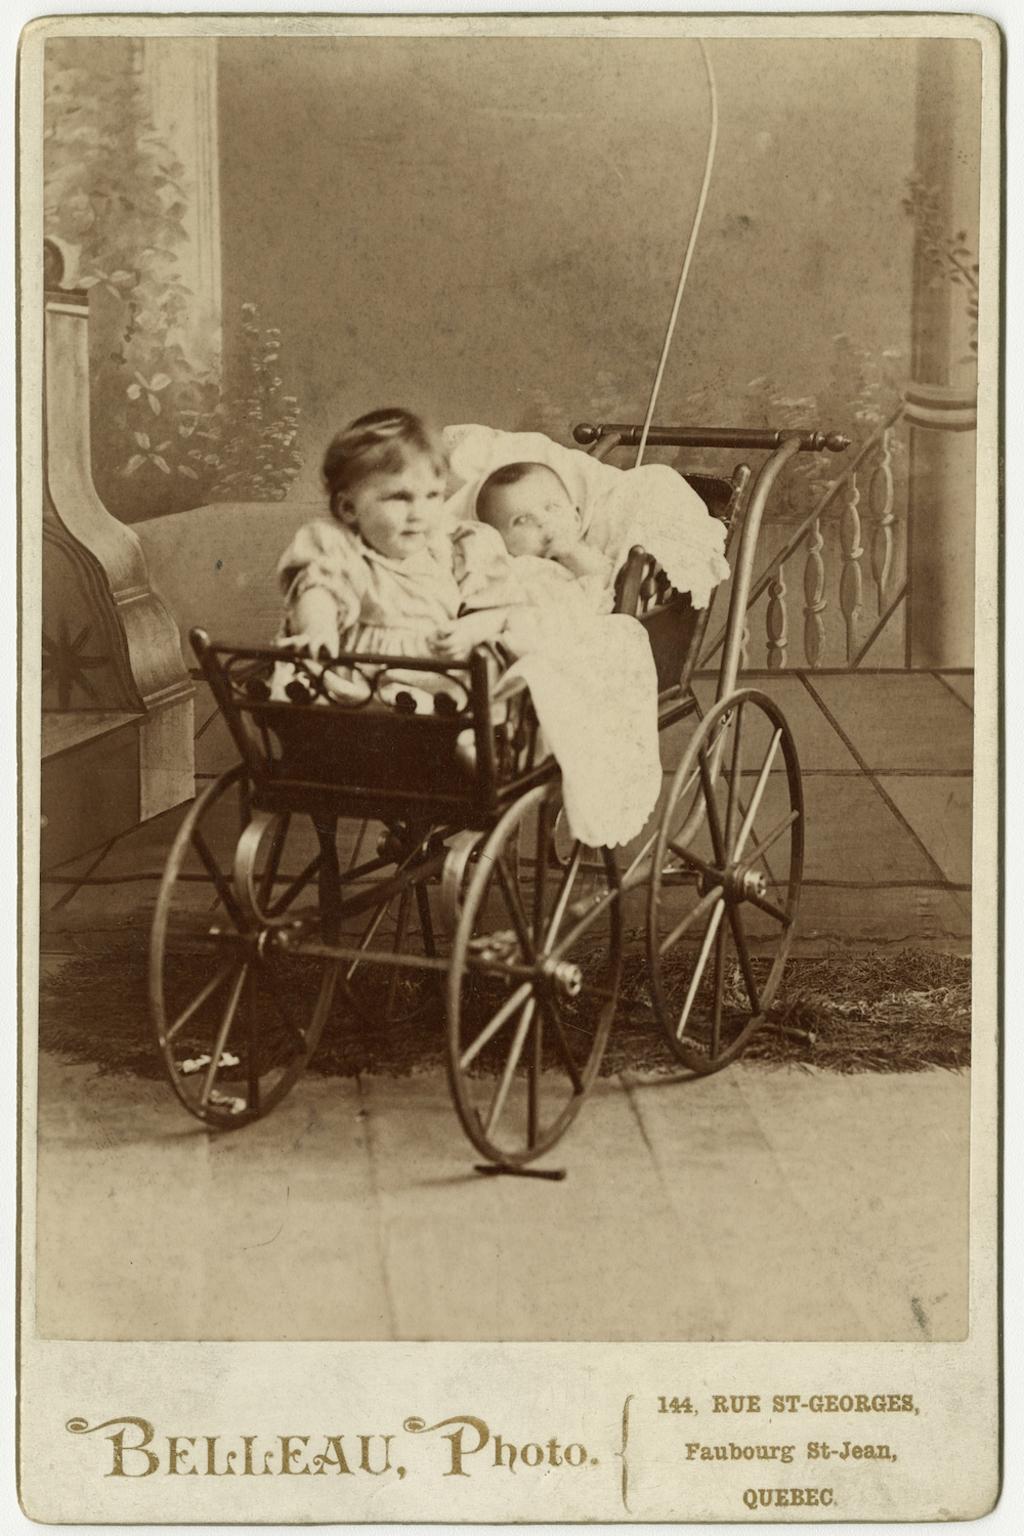 Portrait de deux bébés dans un landau